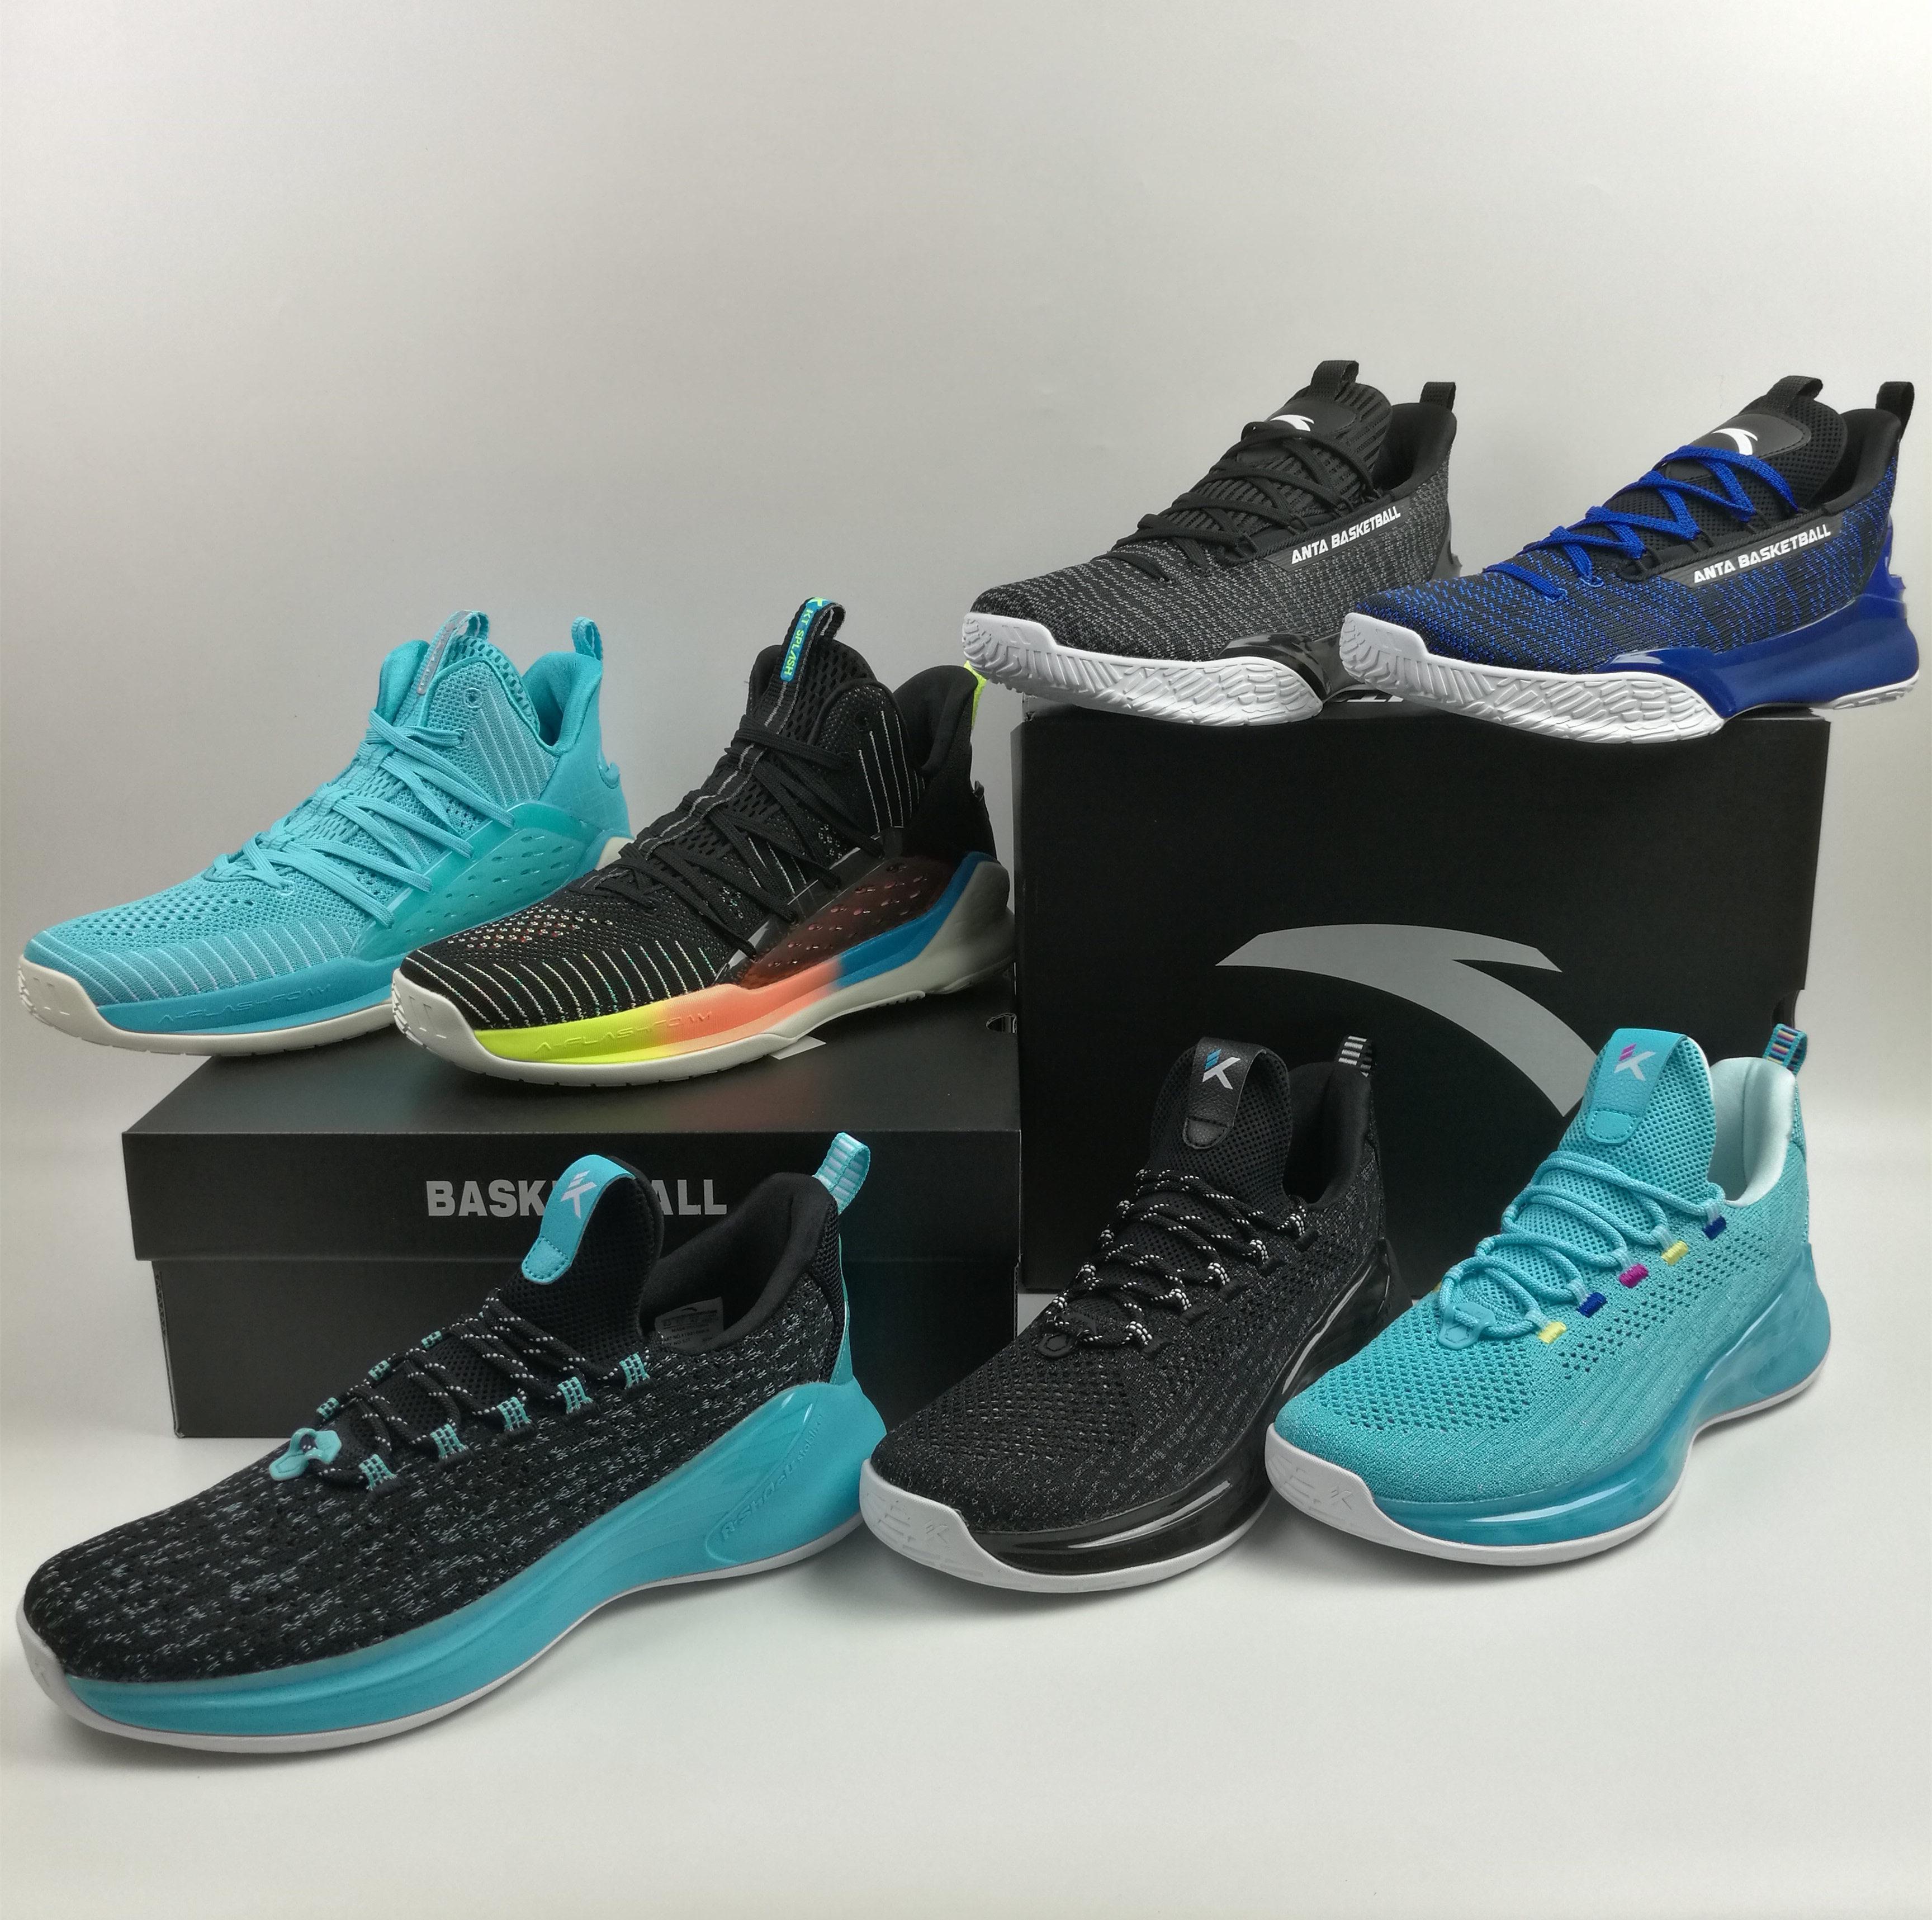 安踏篮球鞋汤普森轻骑兵4代KT低帮透气运动男鞋11921668 11921601